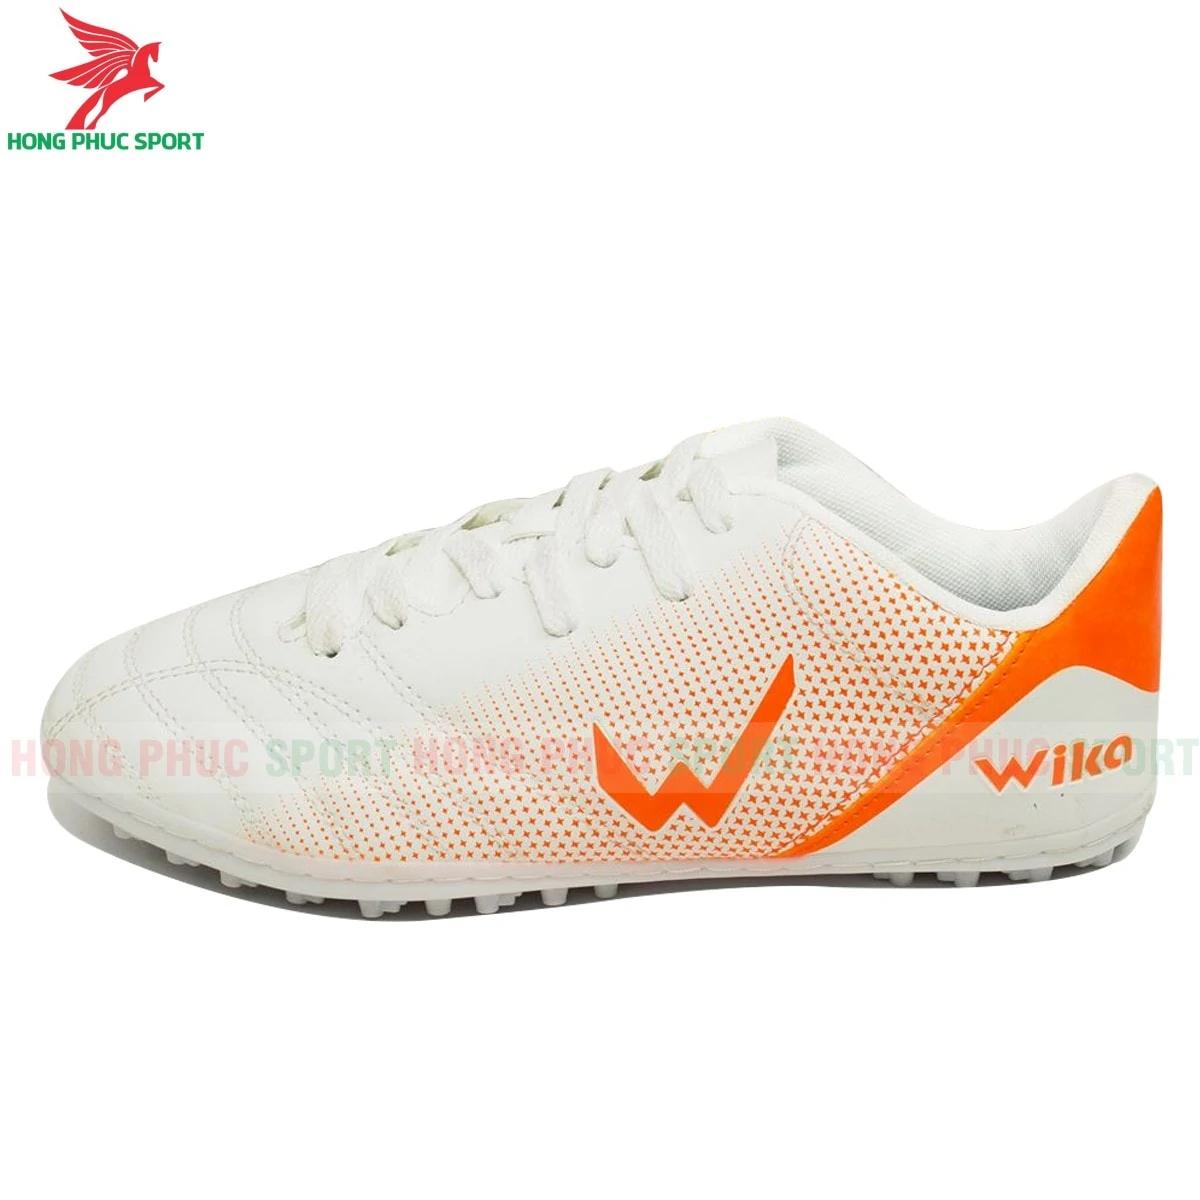 https://cdn.hongphucsport.com/unsafe/s4.shopbay.vn/files/285/giay-da-bong-wika-ultra-4-trang-605dbc681cbf8.png